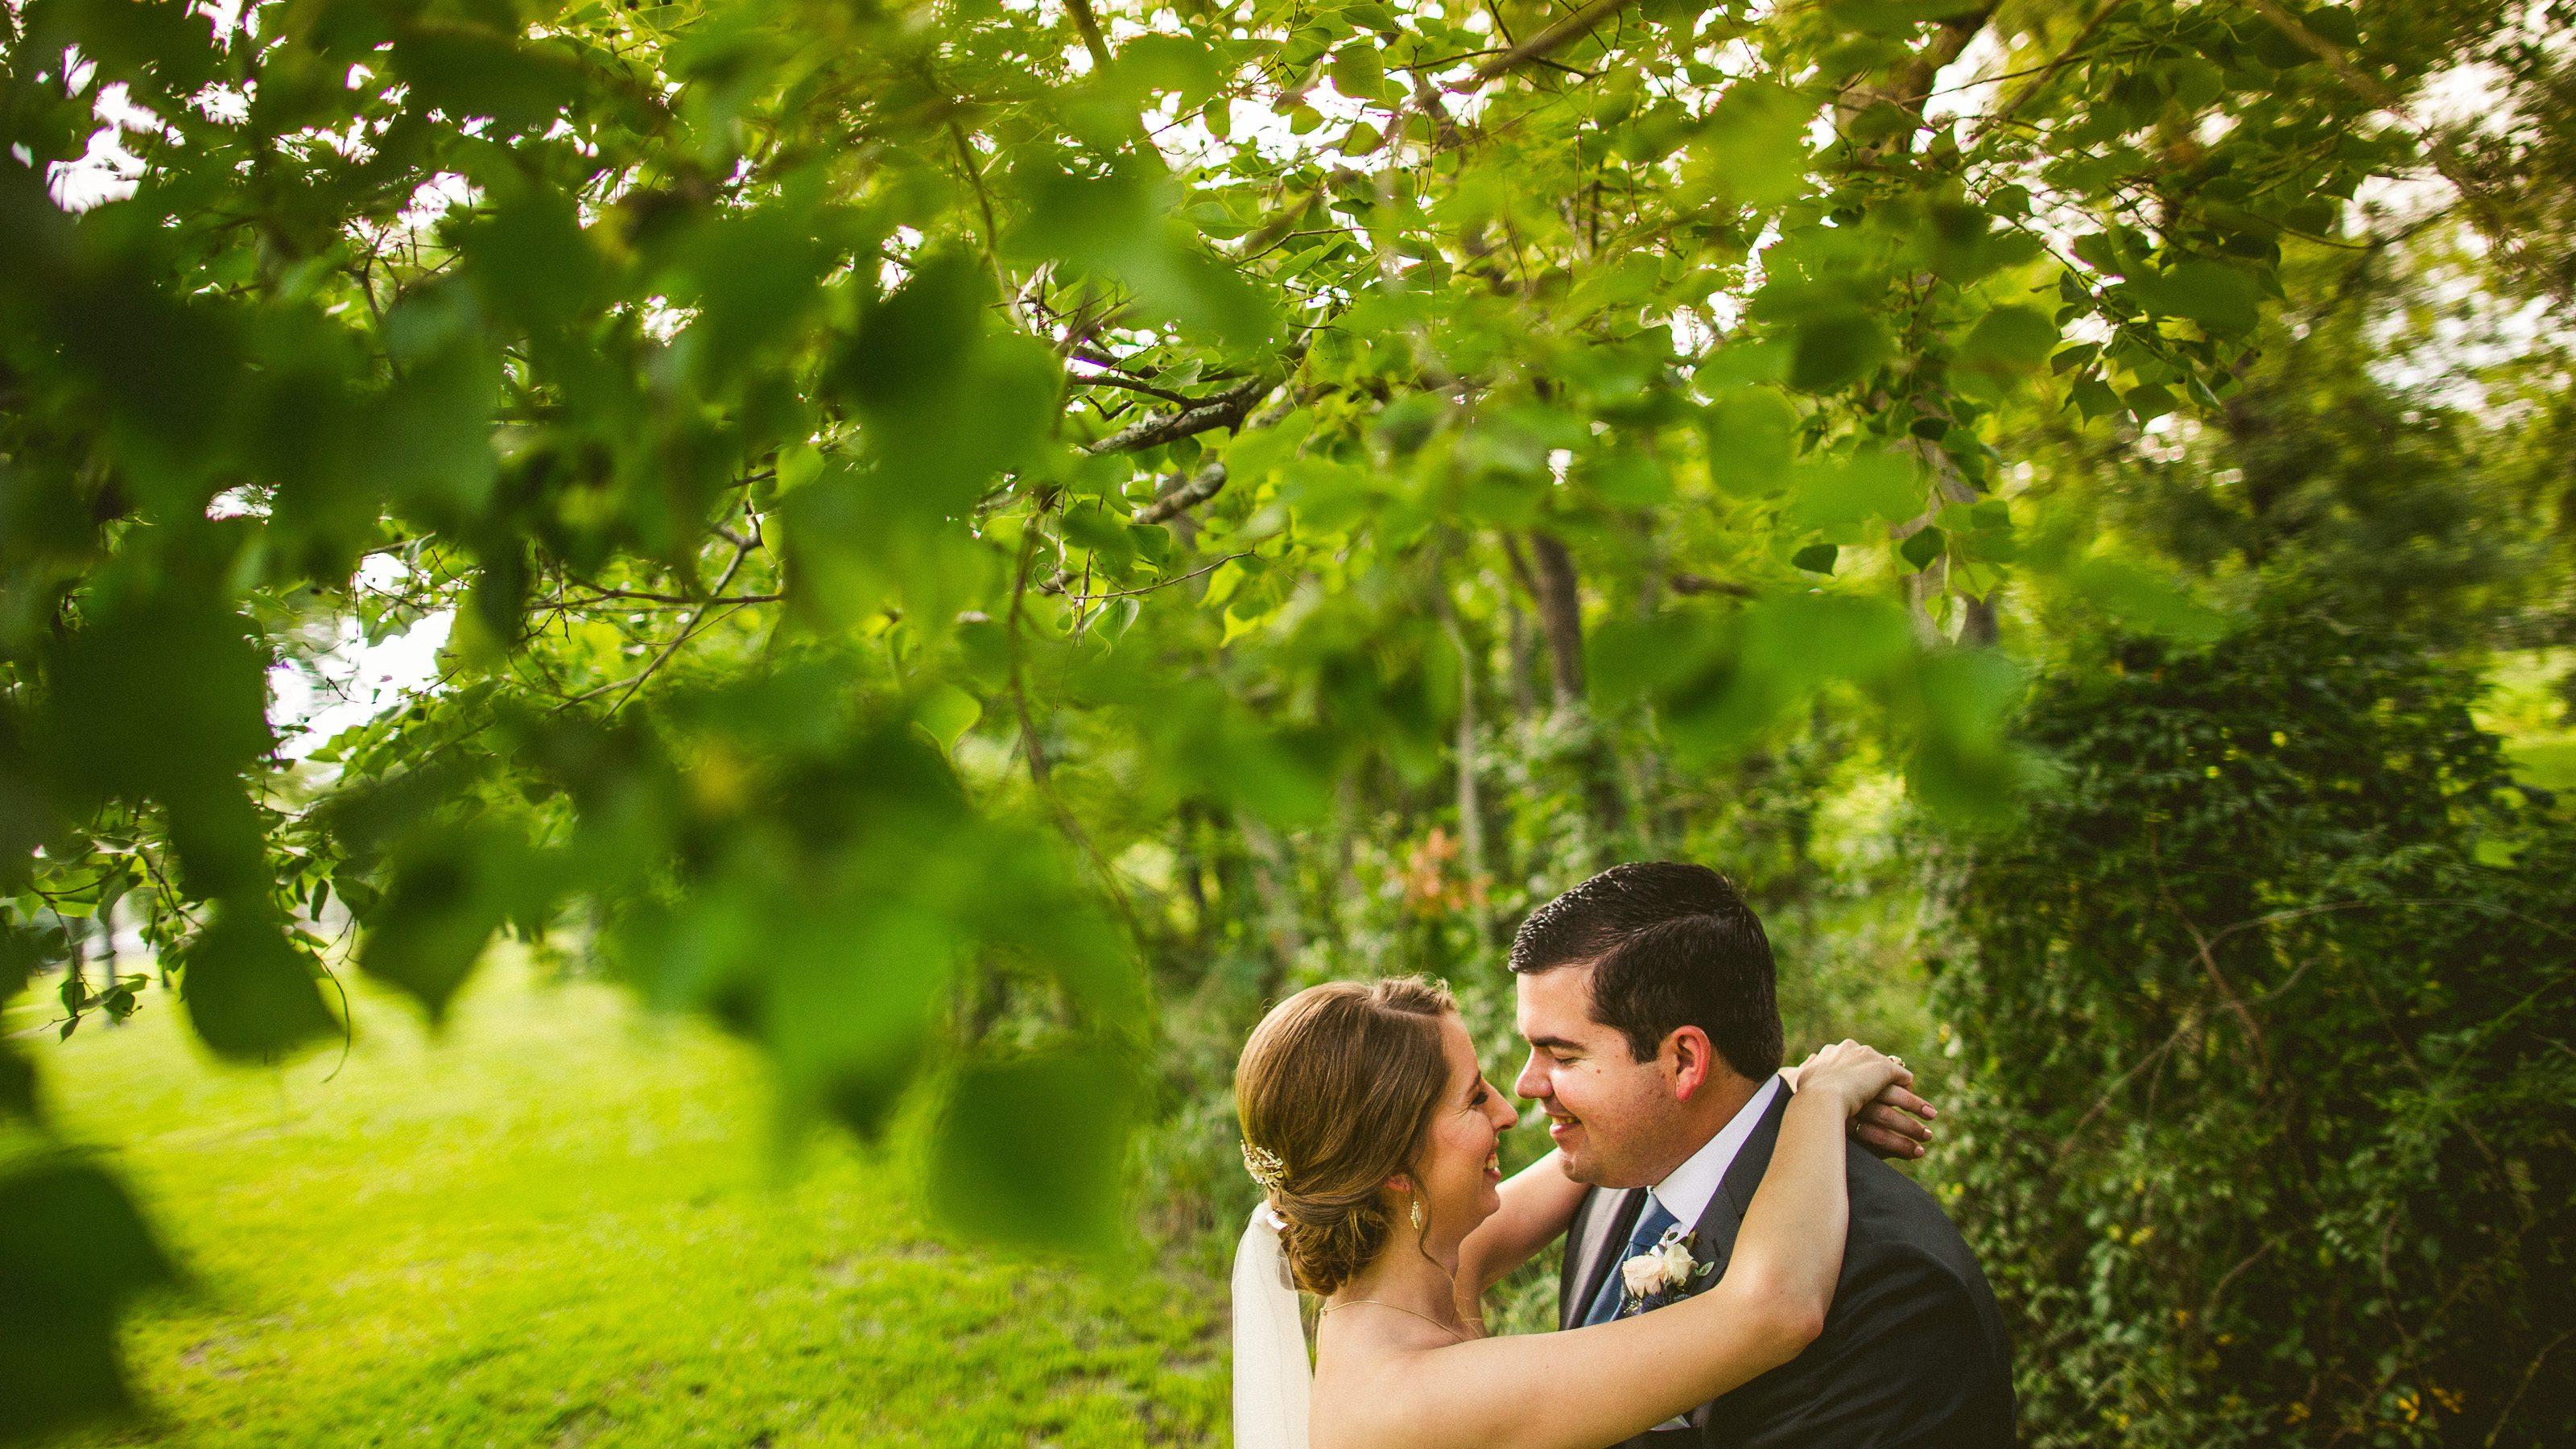 Wedding at Balmorhea Events // Sarah & Winston